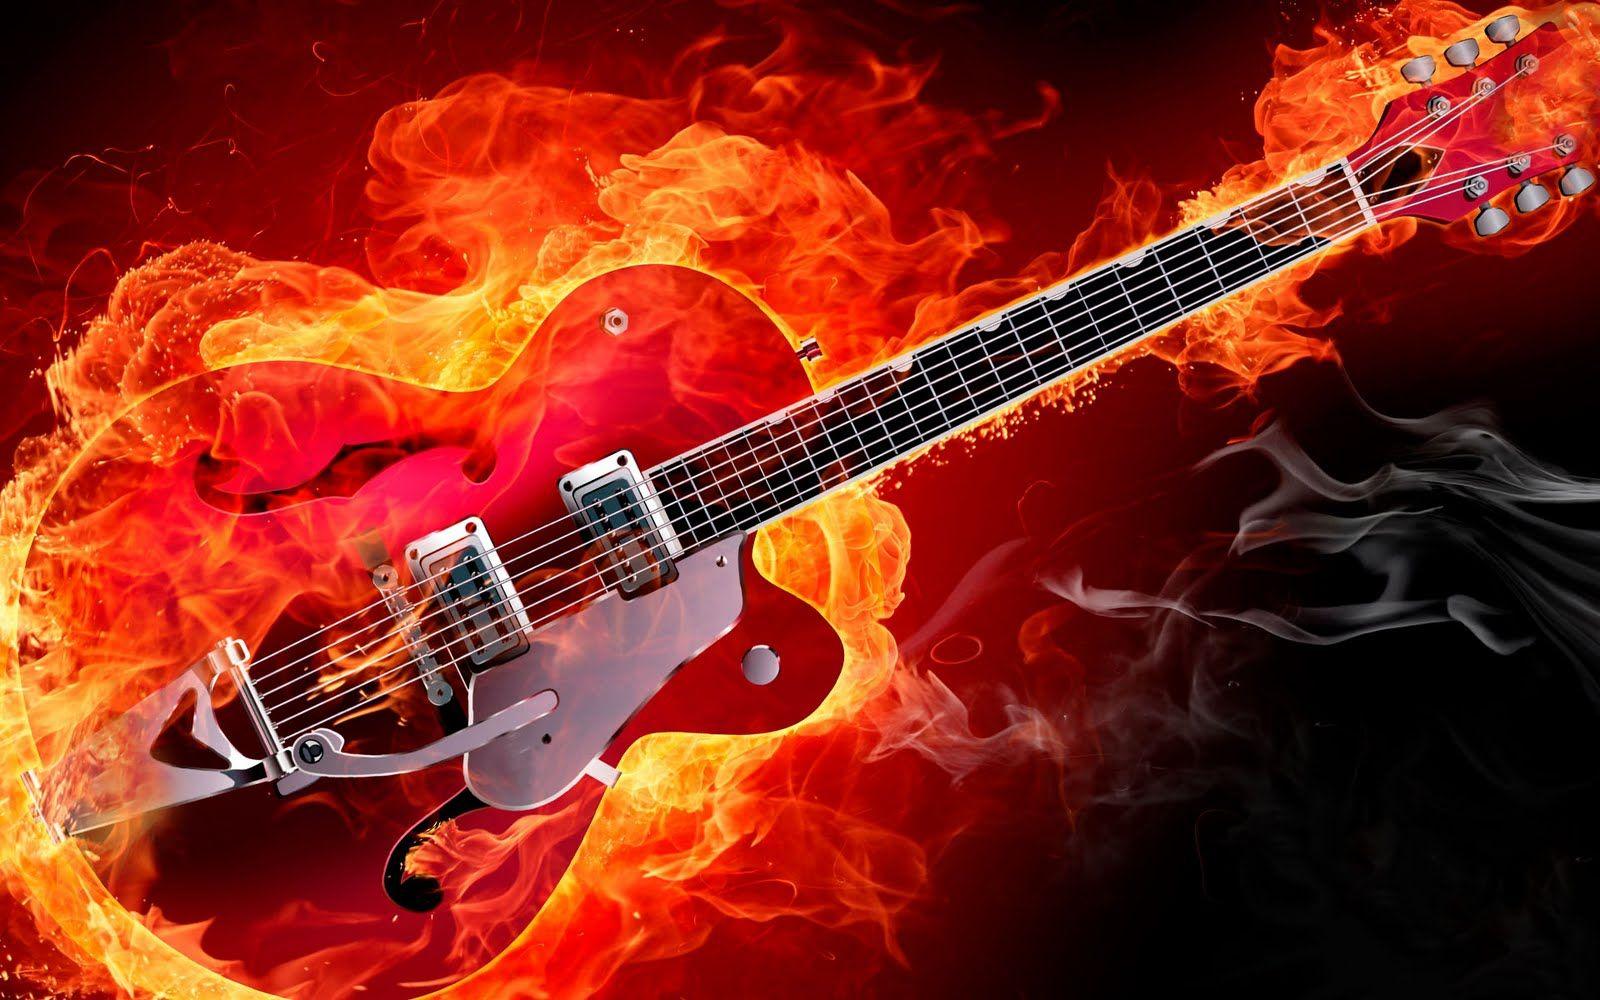 Electric Guitar Wallpaper For Desktop Hd Background Hd Wallpapers Electric Guitar Guitar Cool Guitar